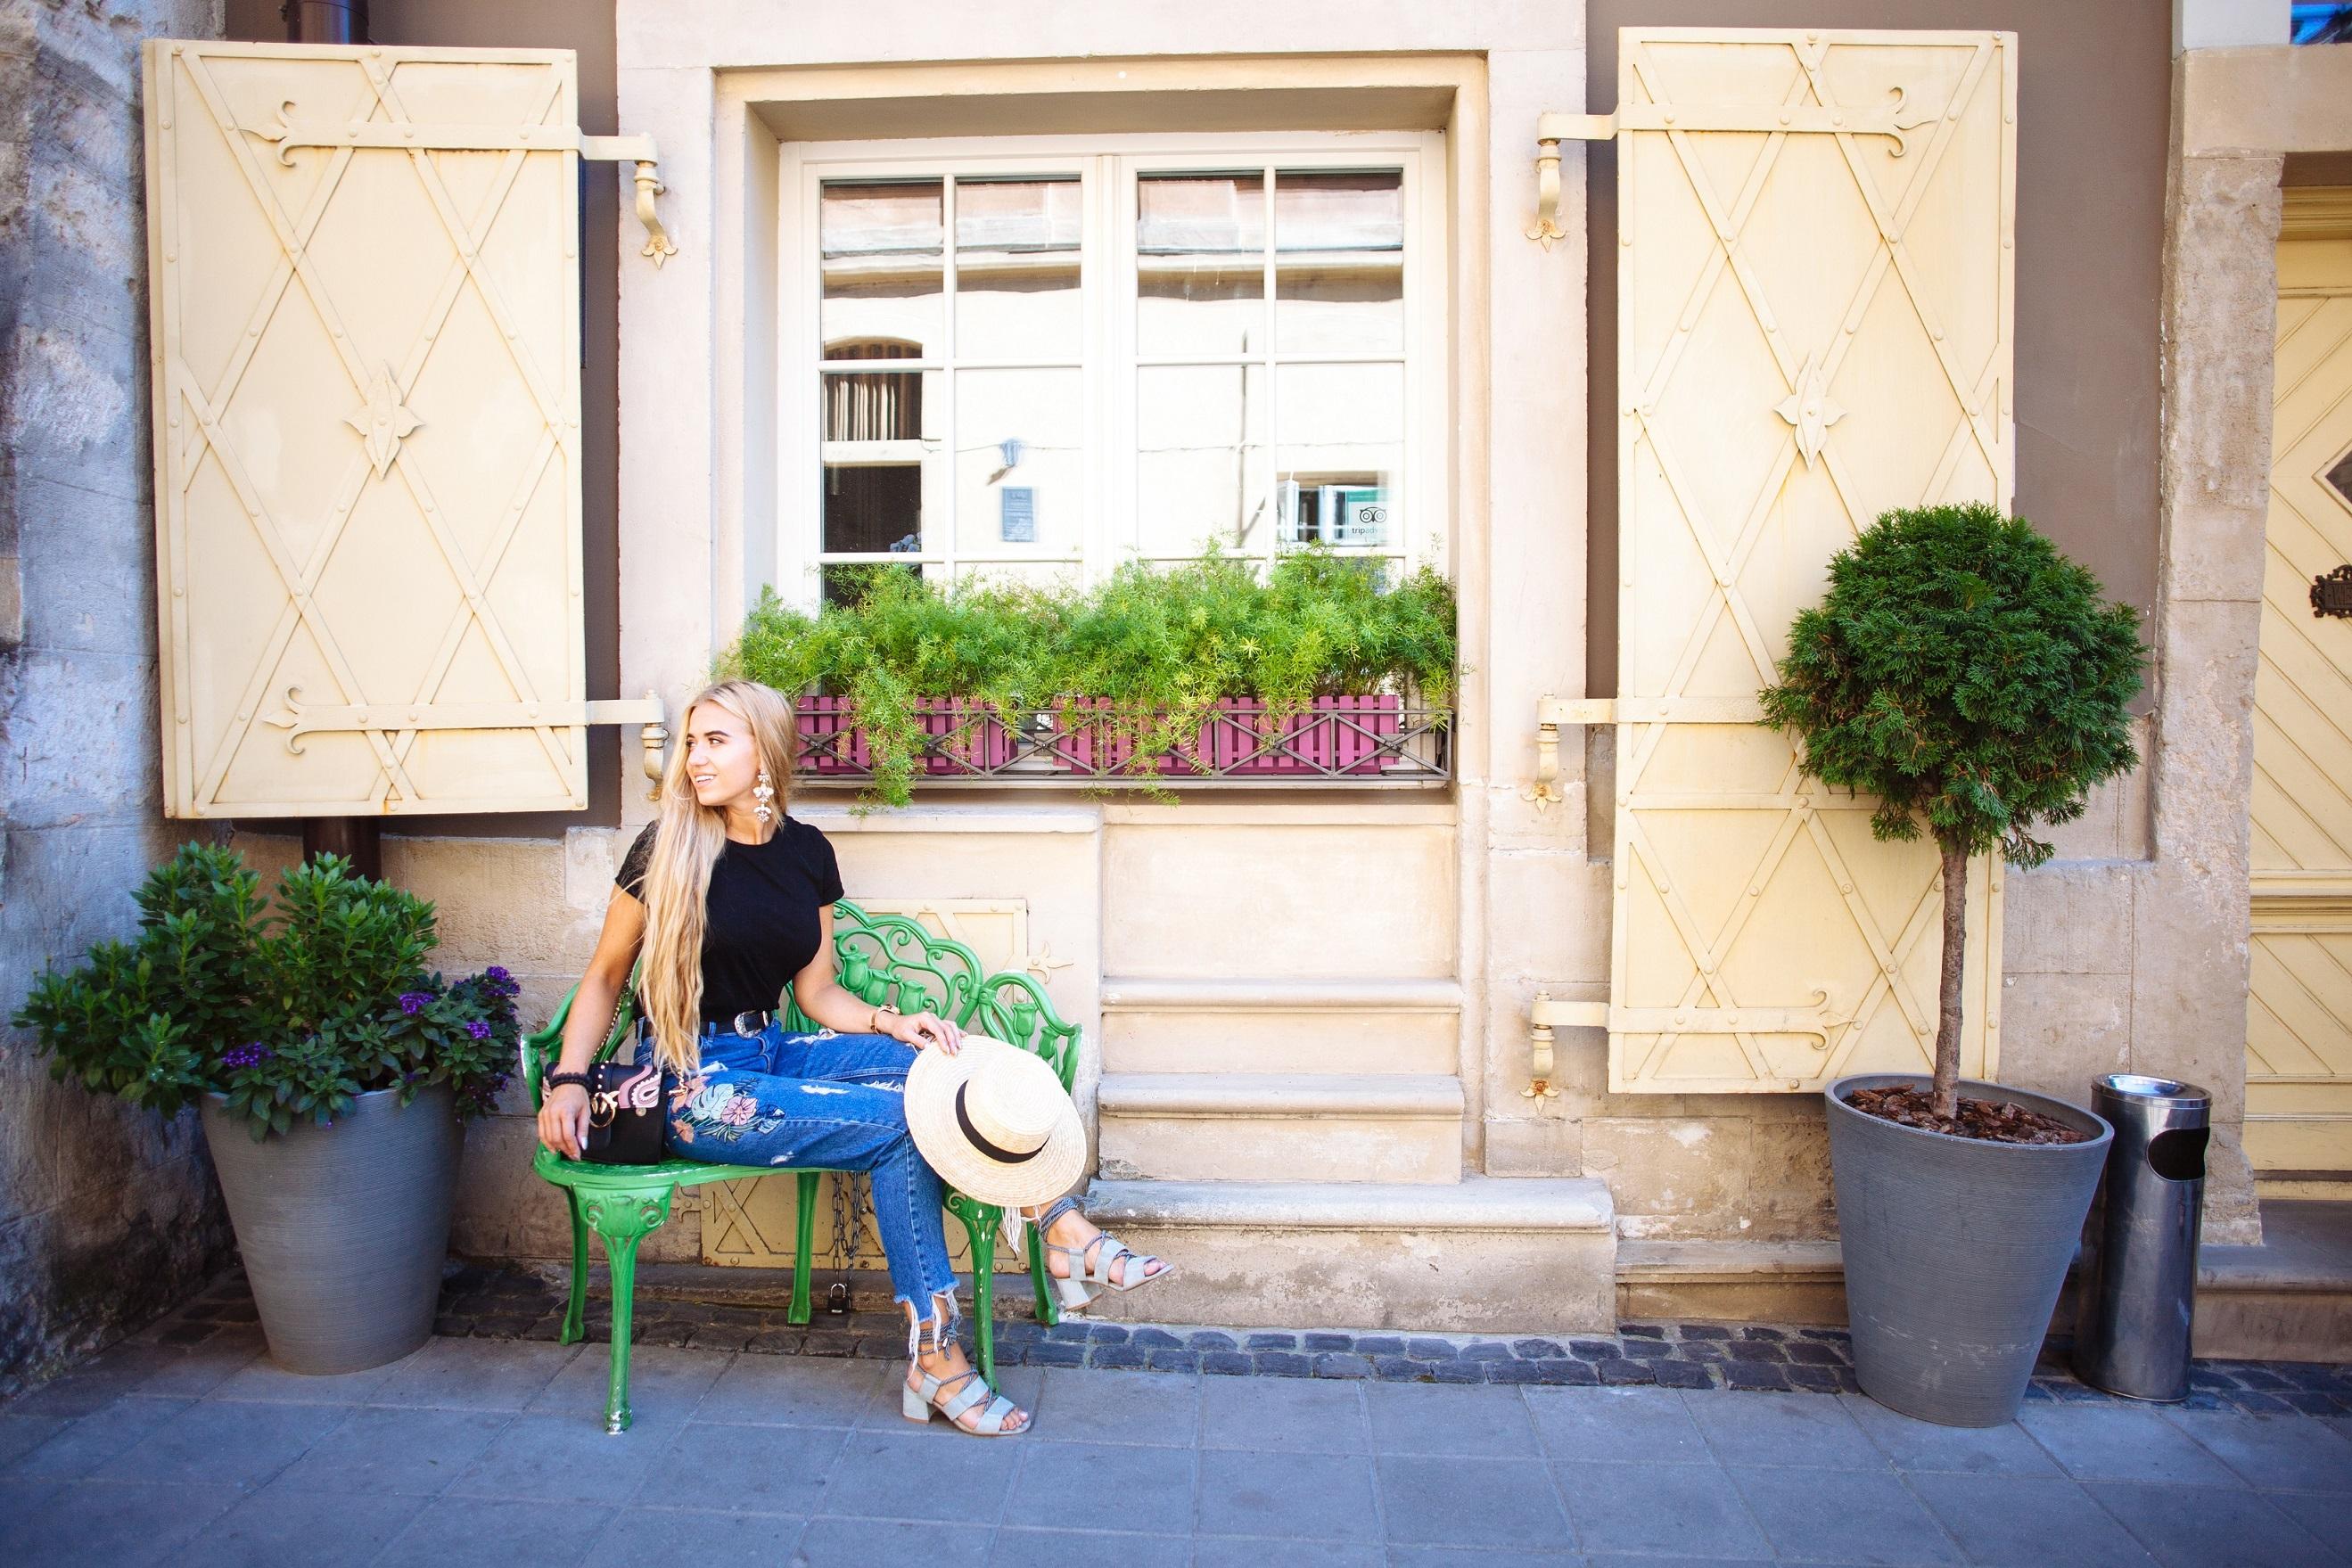 vintagehotel - Львів - зупиніться в центрі на відпочинок!